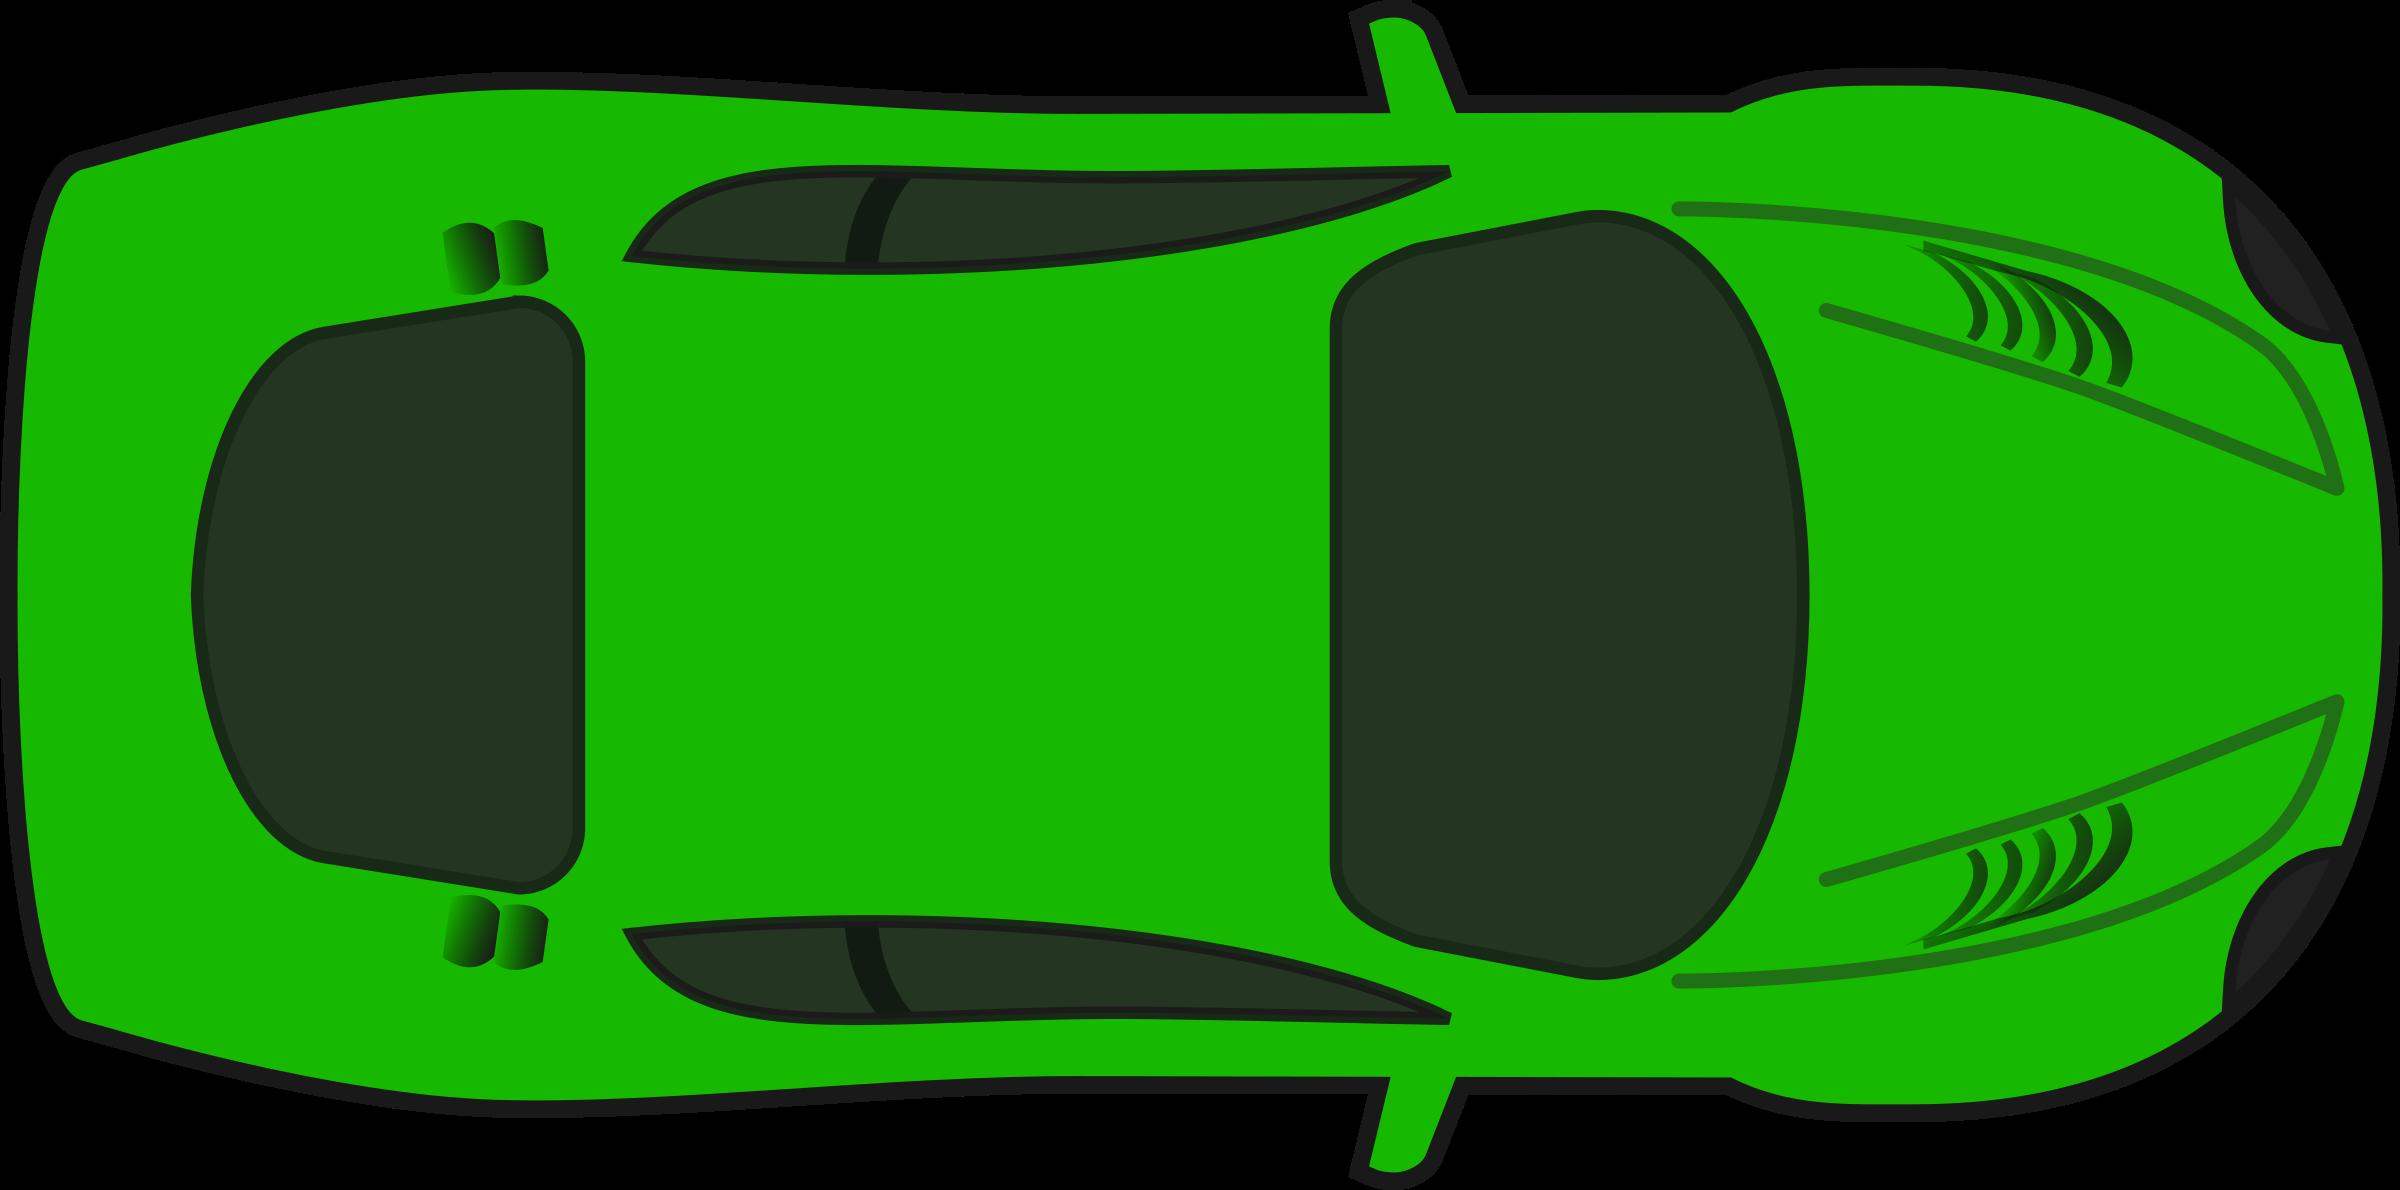 Minivan clipart top view. Simple car at getdrawings